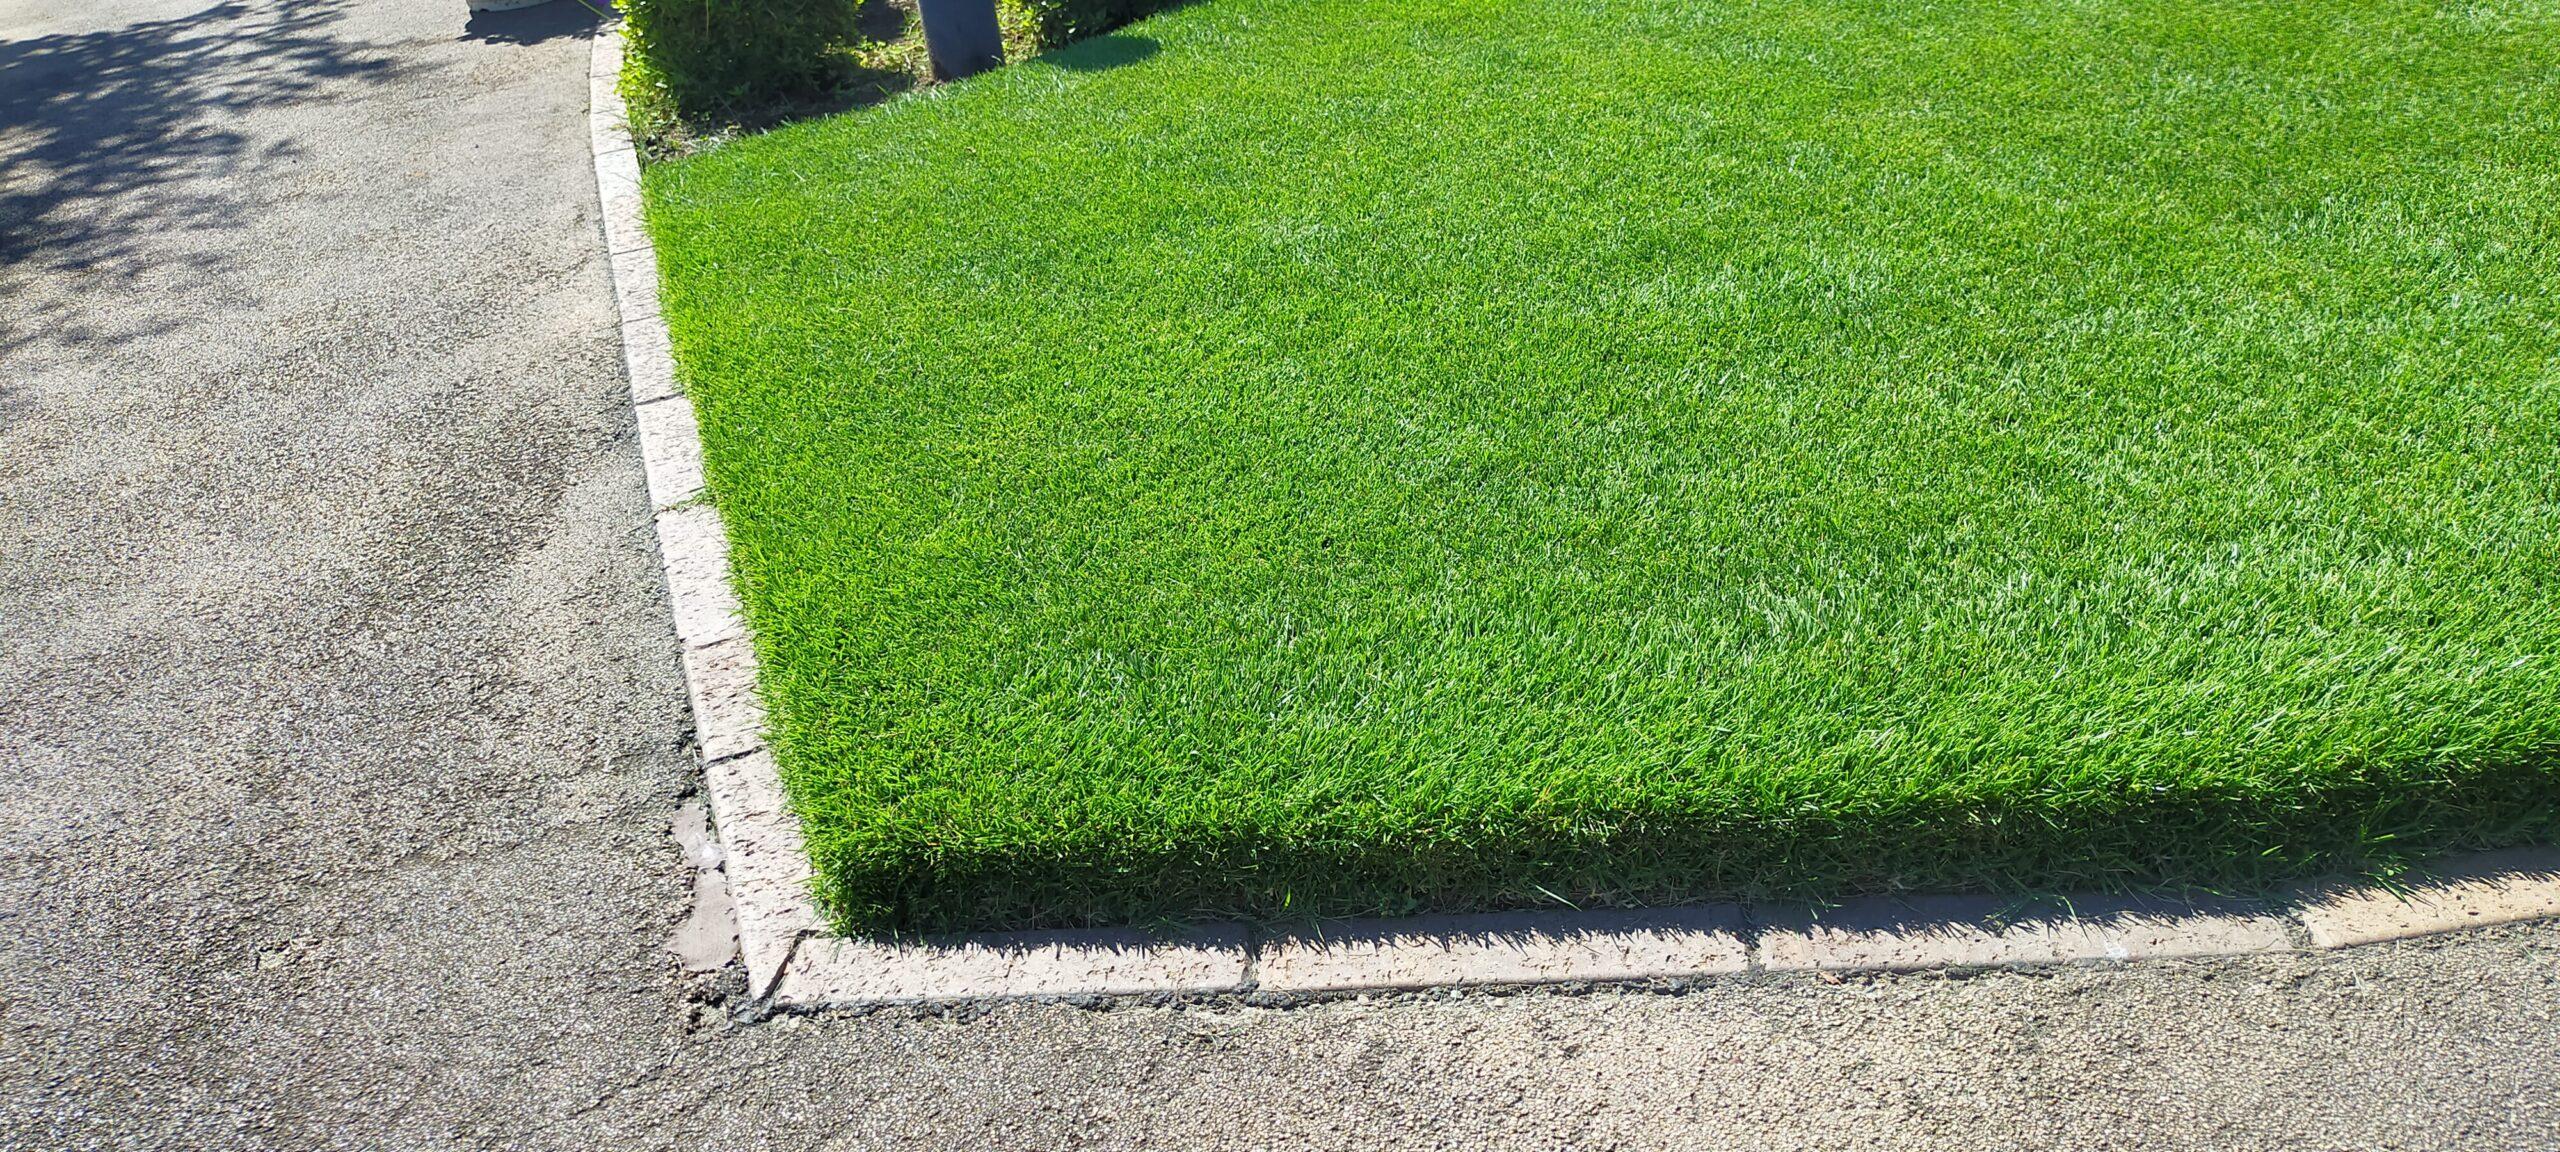 芝生の端っこの切り方は?😄✨【stand.fm】